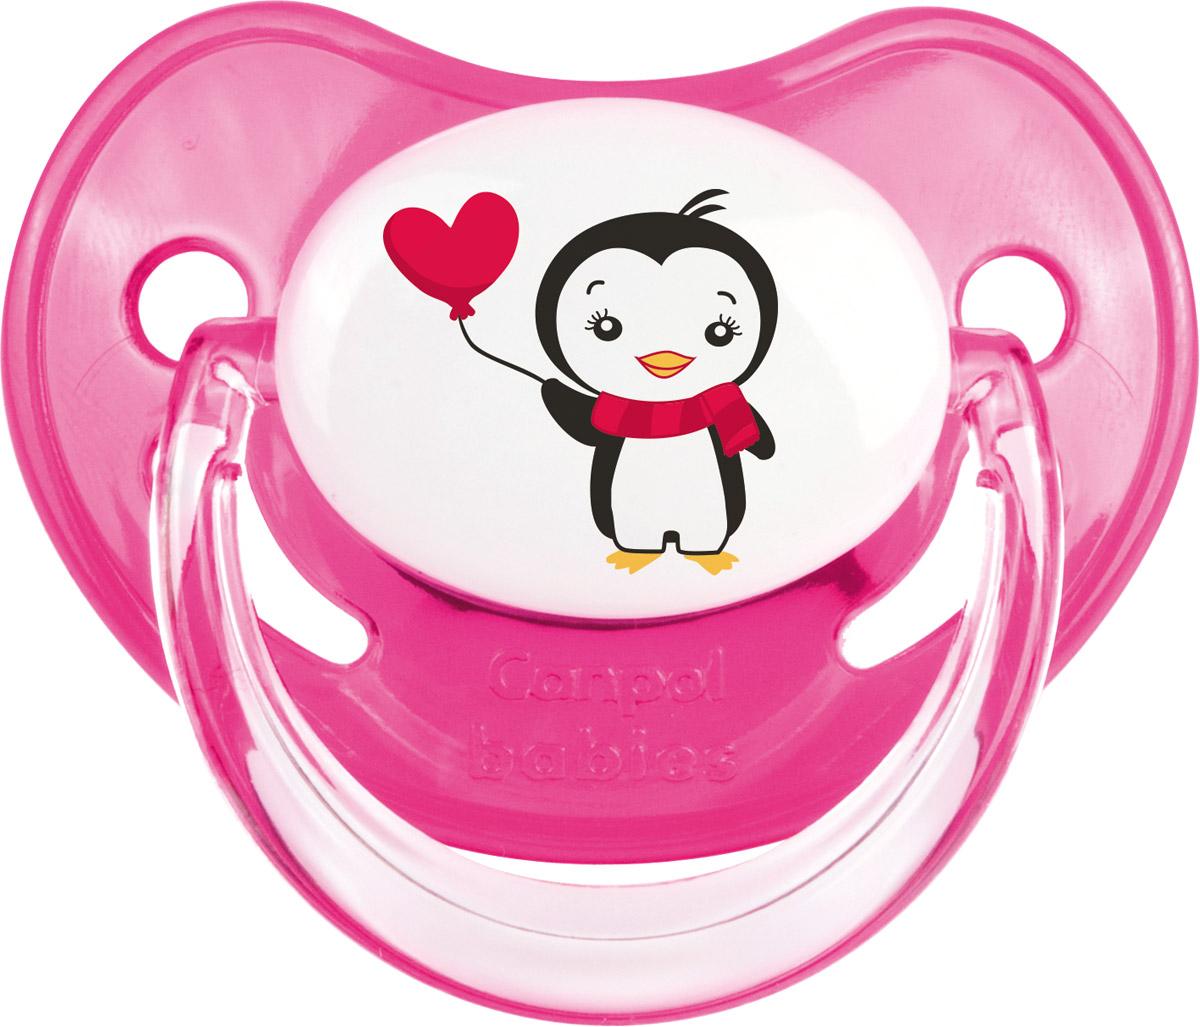 Canpol Babies Пустышка силиконовая ортодонтическая Penguins от 6 до 18 месяцев цвет розовый